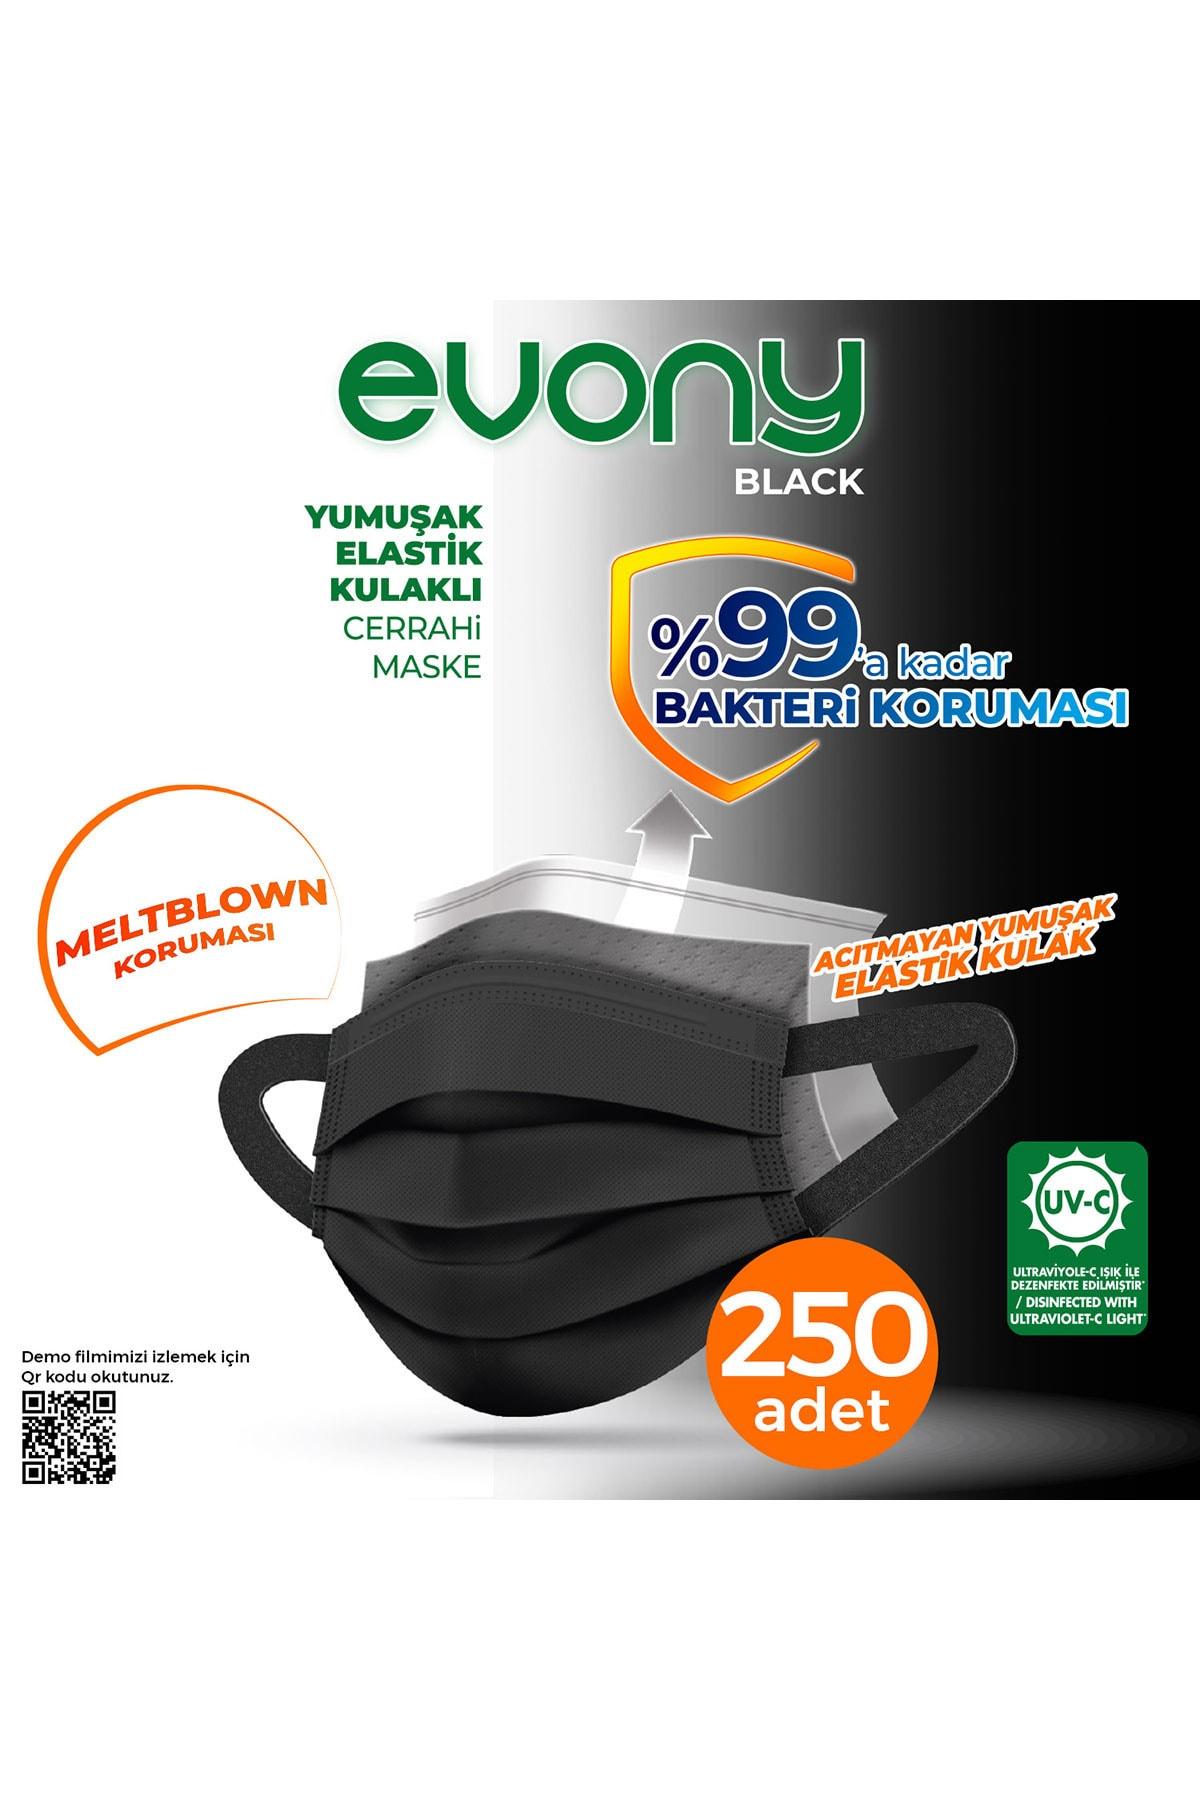 Evony Siyah Elastik Kulaklı Maske 250 Adet 1